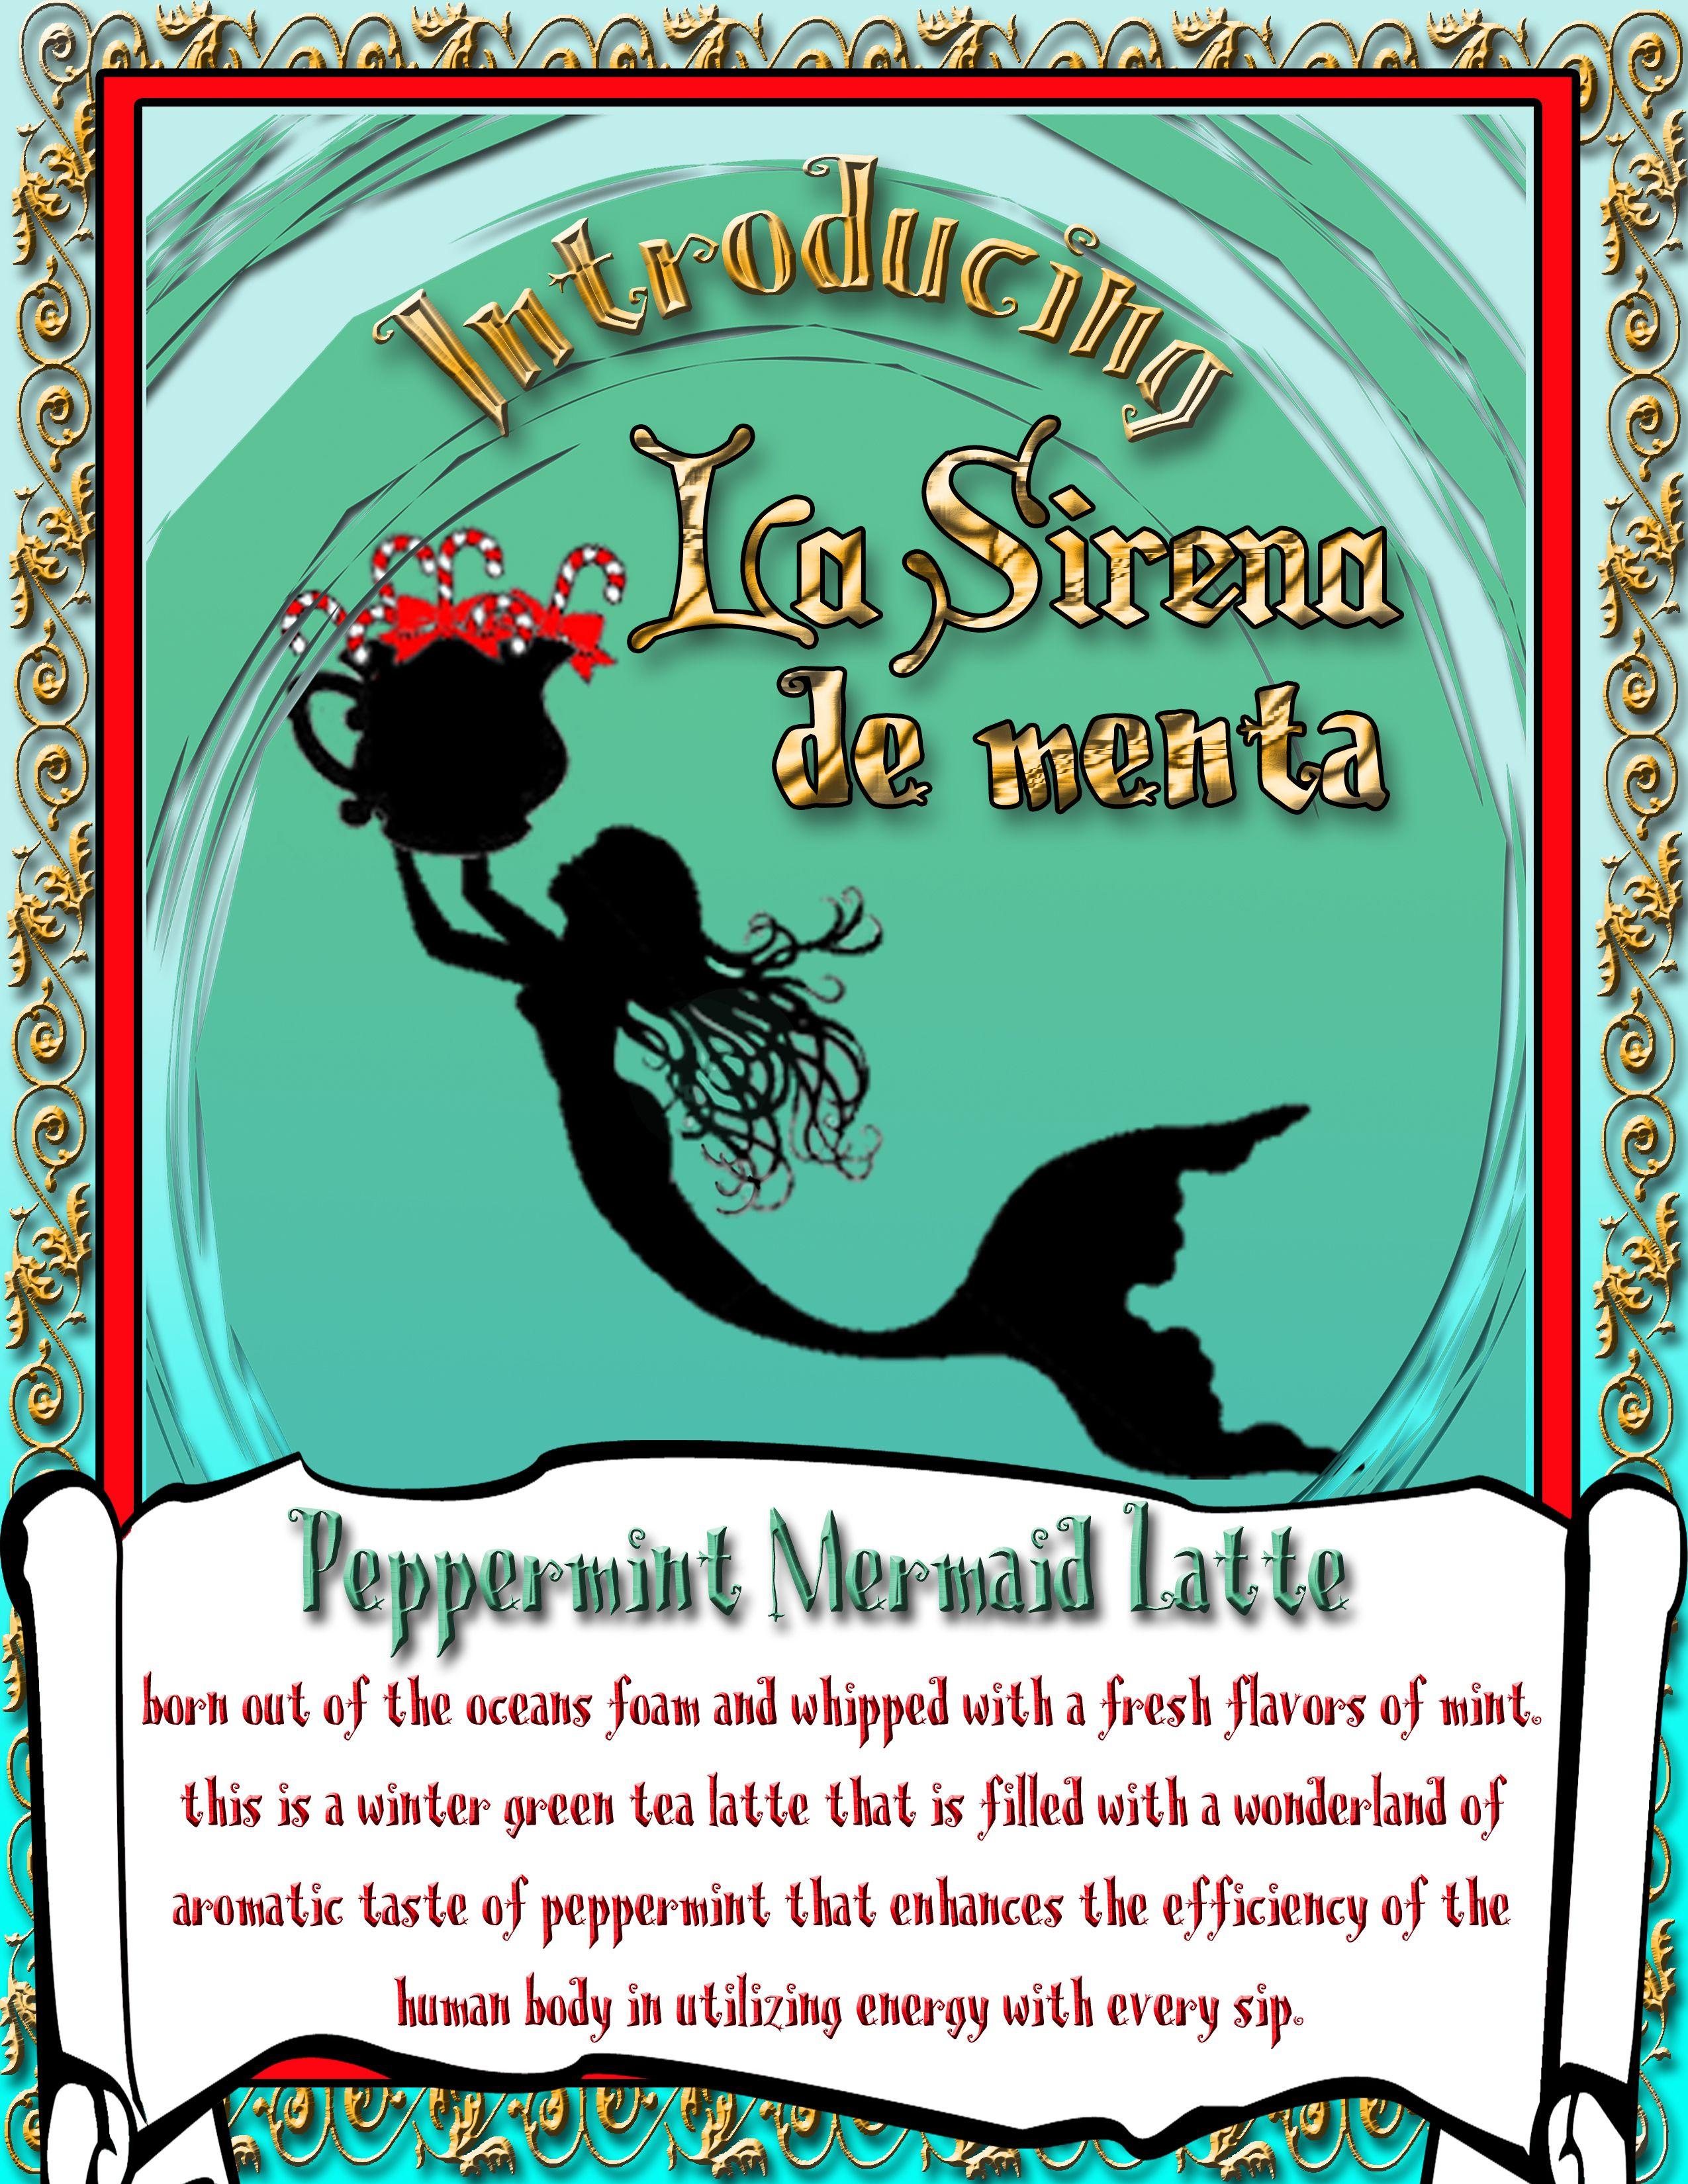 La Sirena de Menta green tea peppermint latte